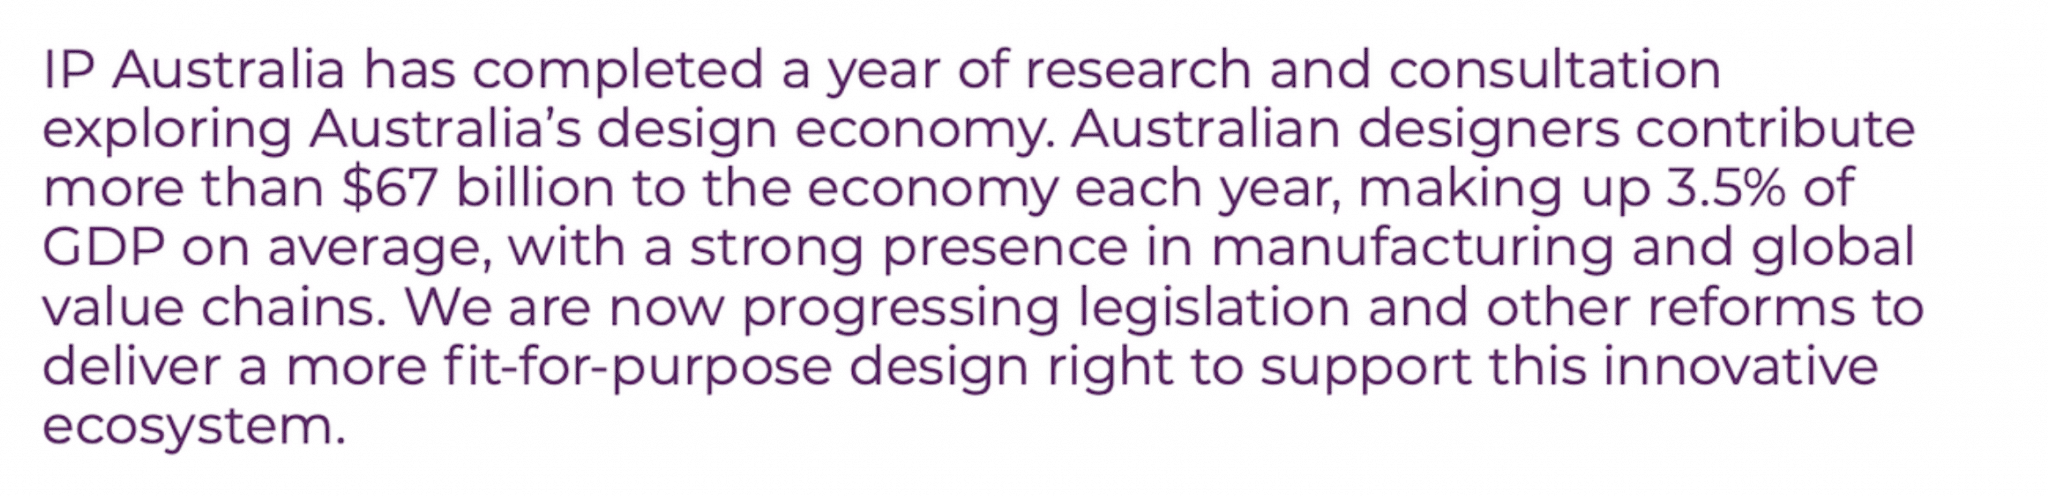 IP Australia graphic re the size of Australia's design economy